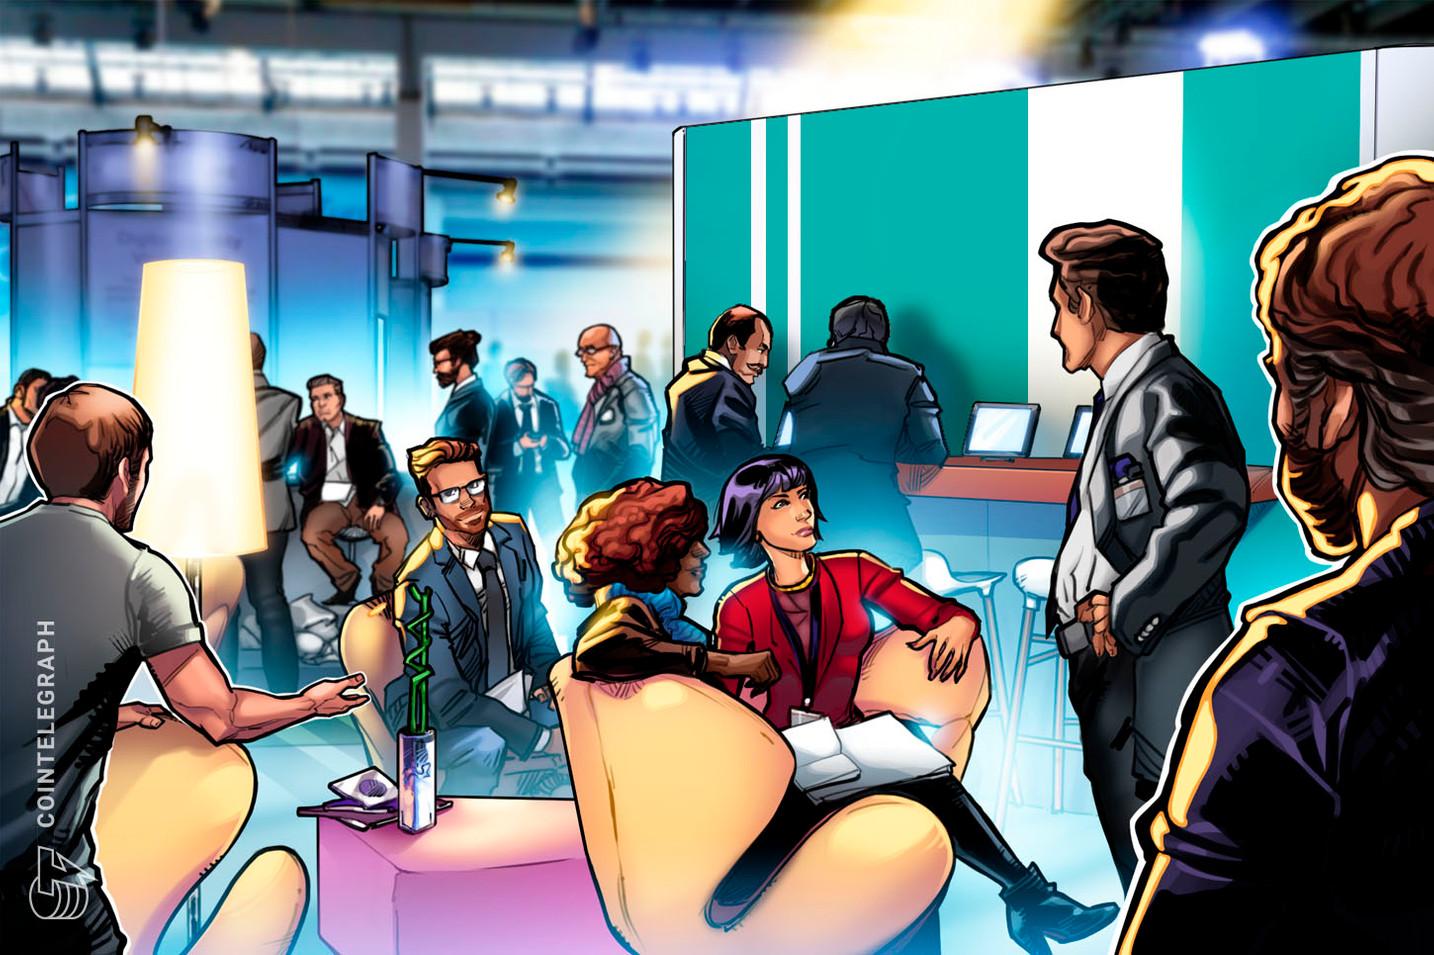 Report: 80 Prozent der Teilnehmer an Krypto-Events sind männlich